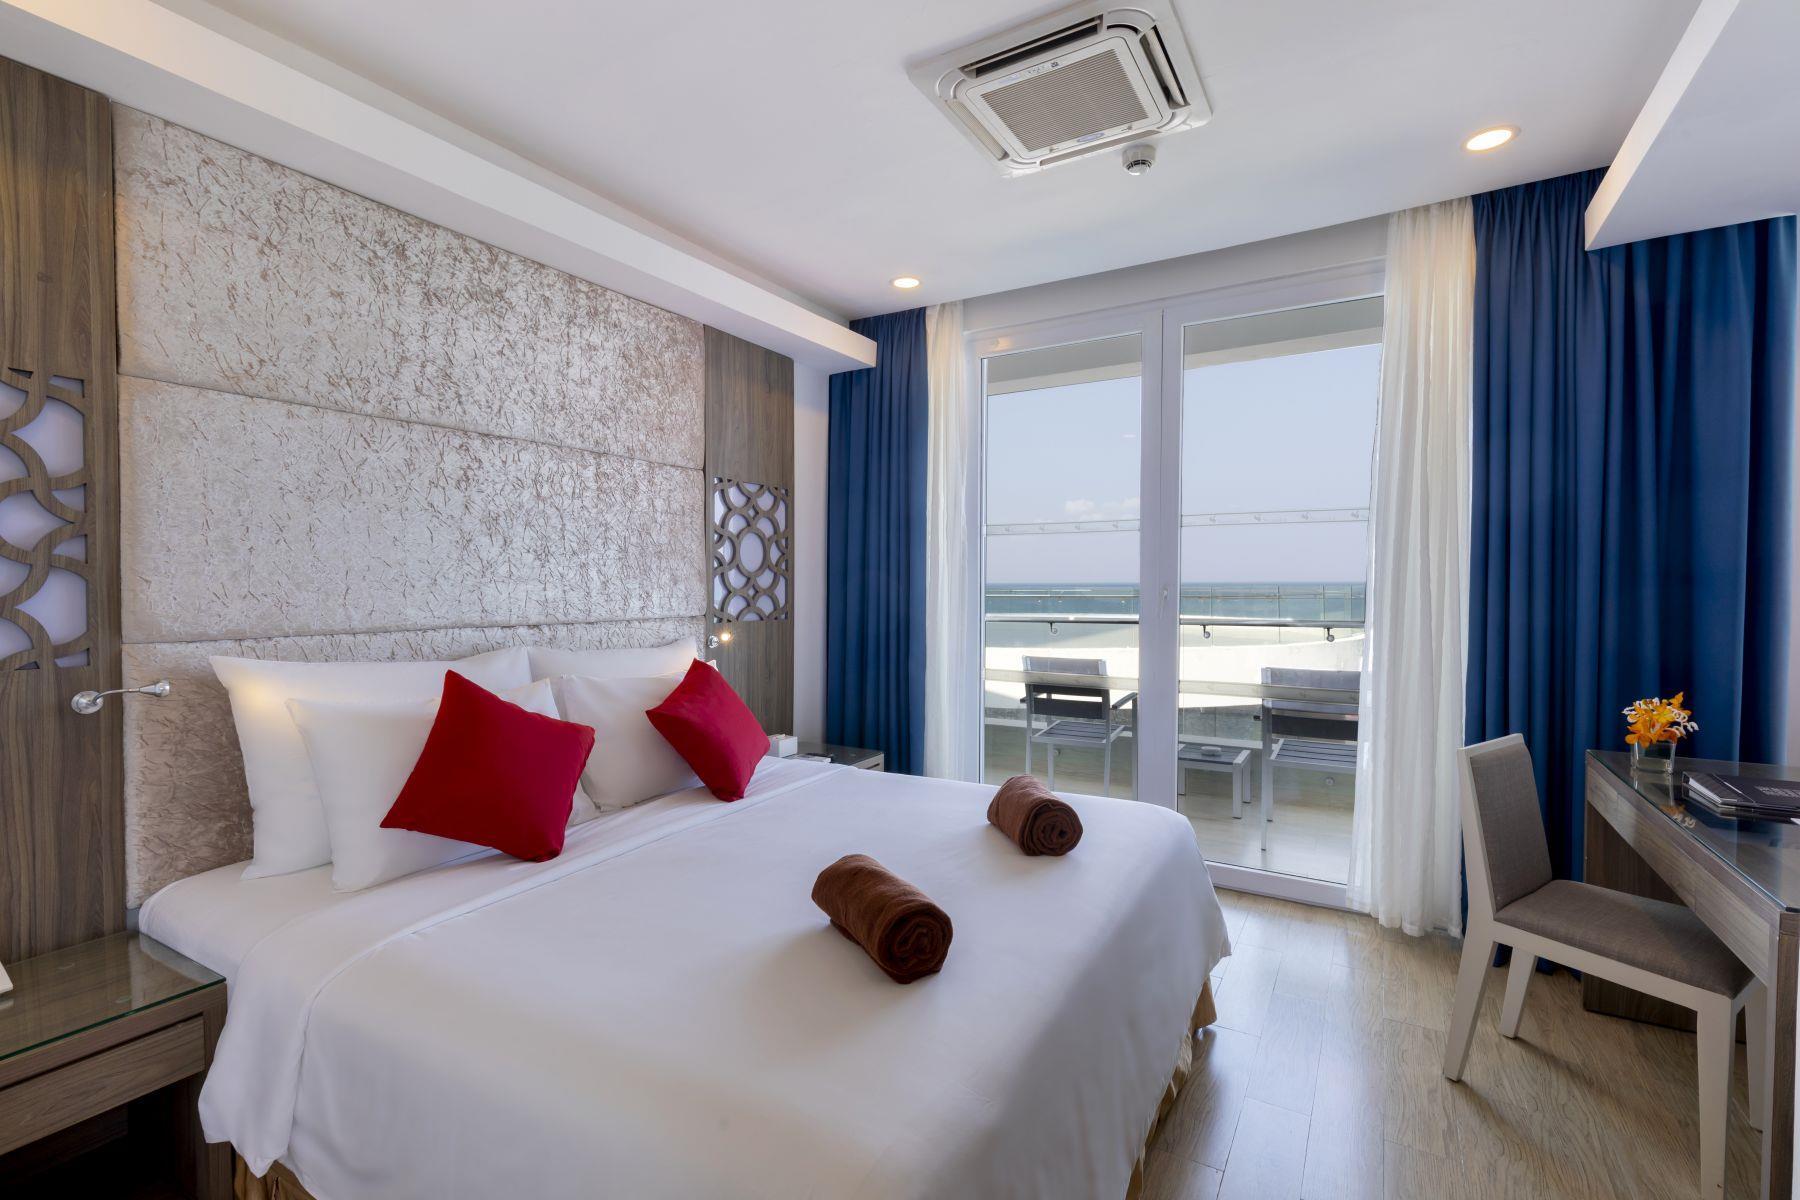 Турция отель ганита гарден сьют фото быстрое